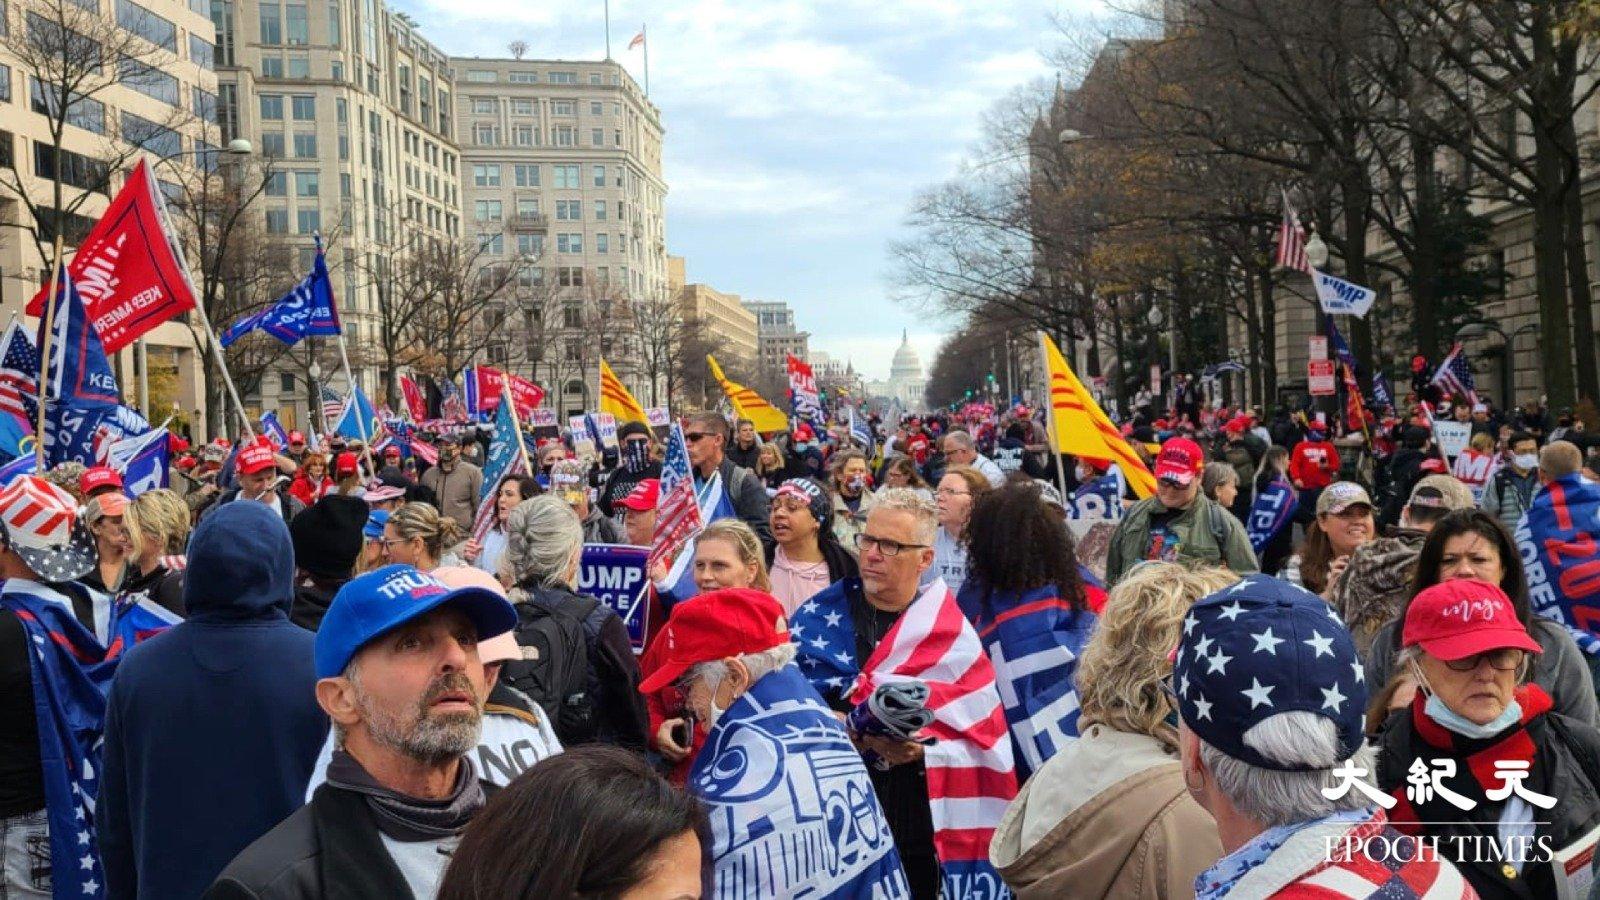 12月12日, 美國民眾再次發起大型遊行集會挺特朗普。(明月/大紀元)